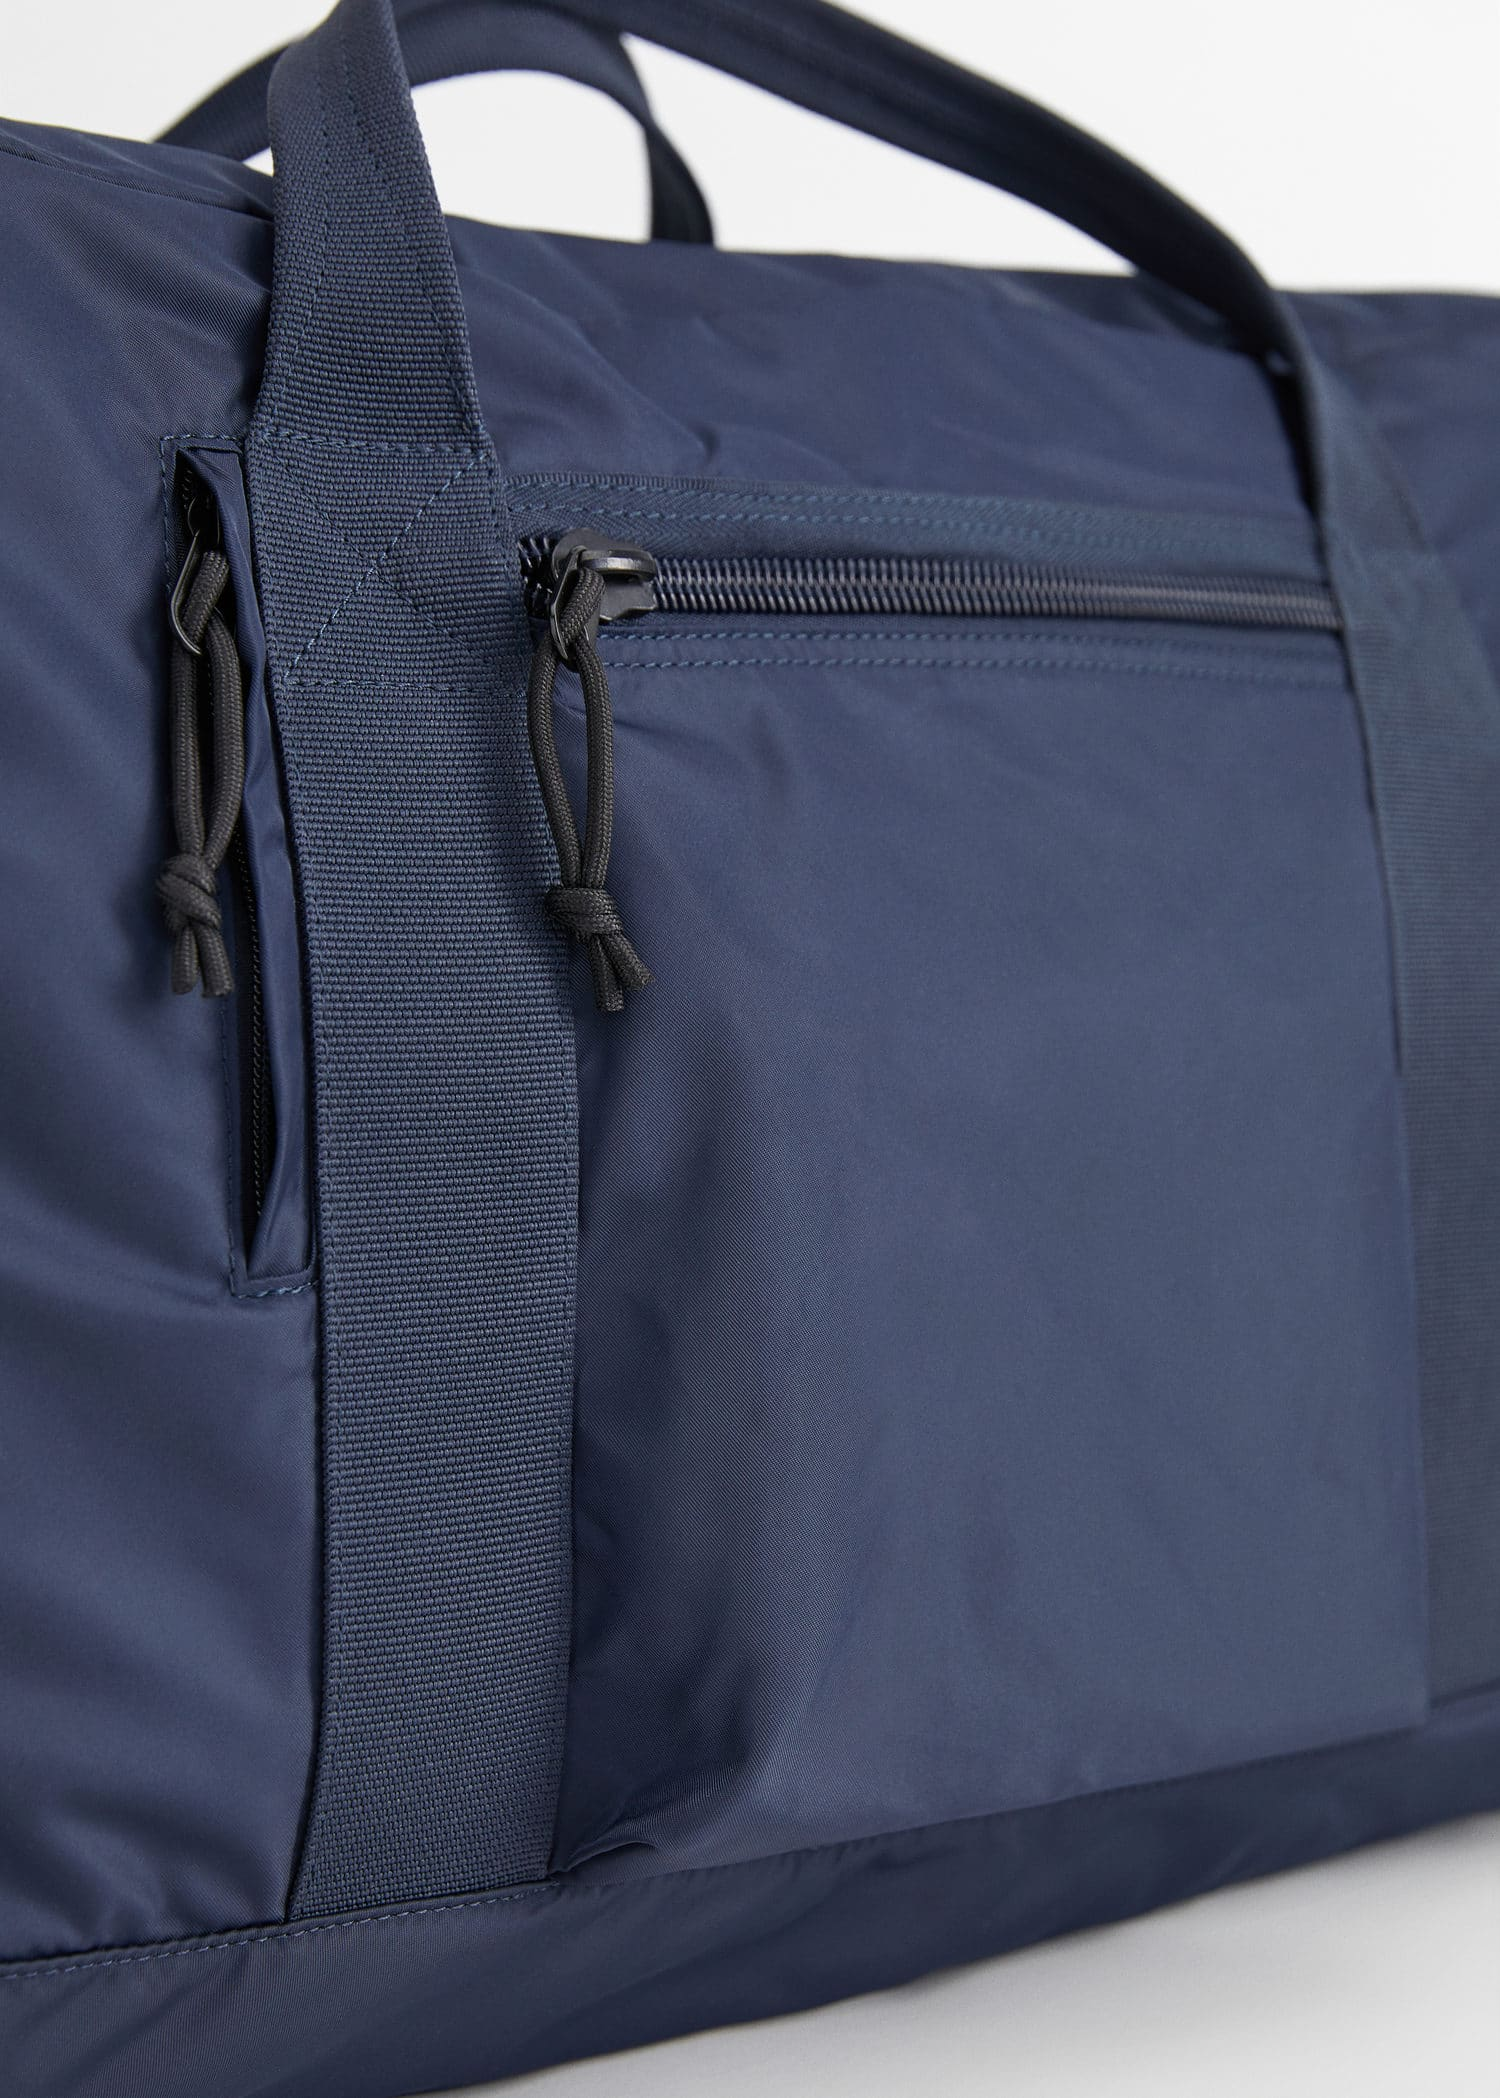 Bolso convertible mochila Hombre | Mango Man España